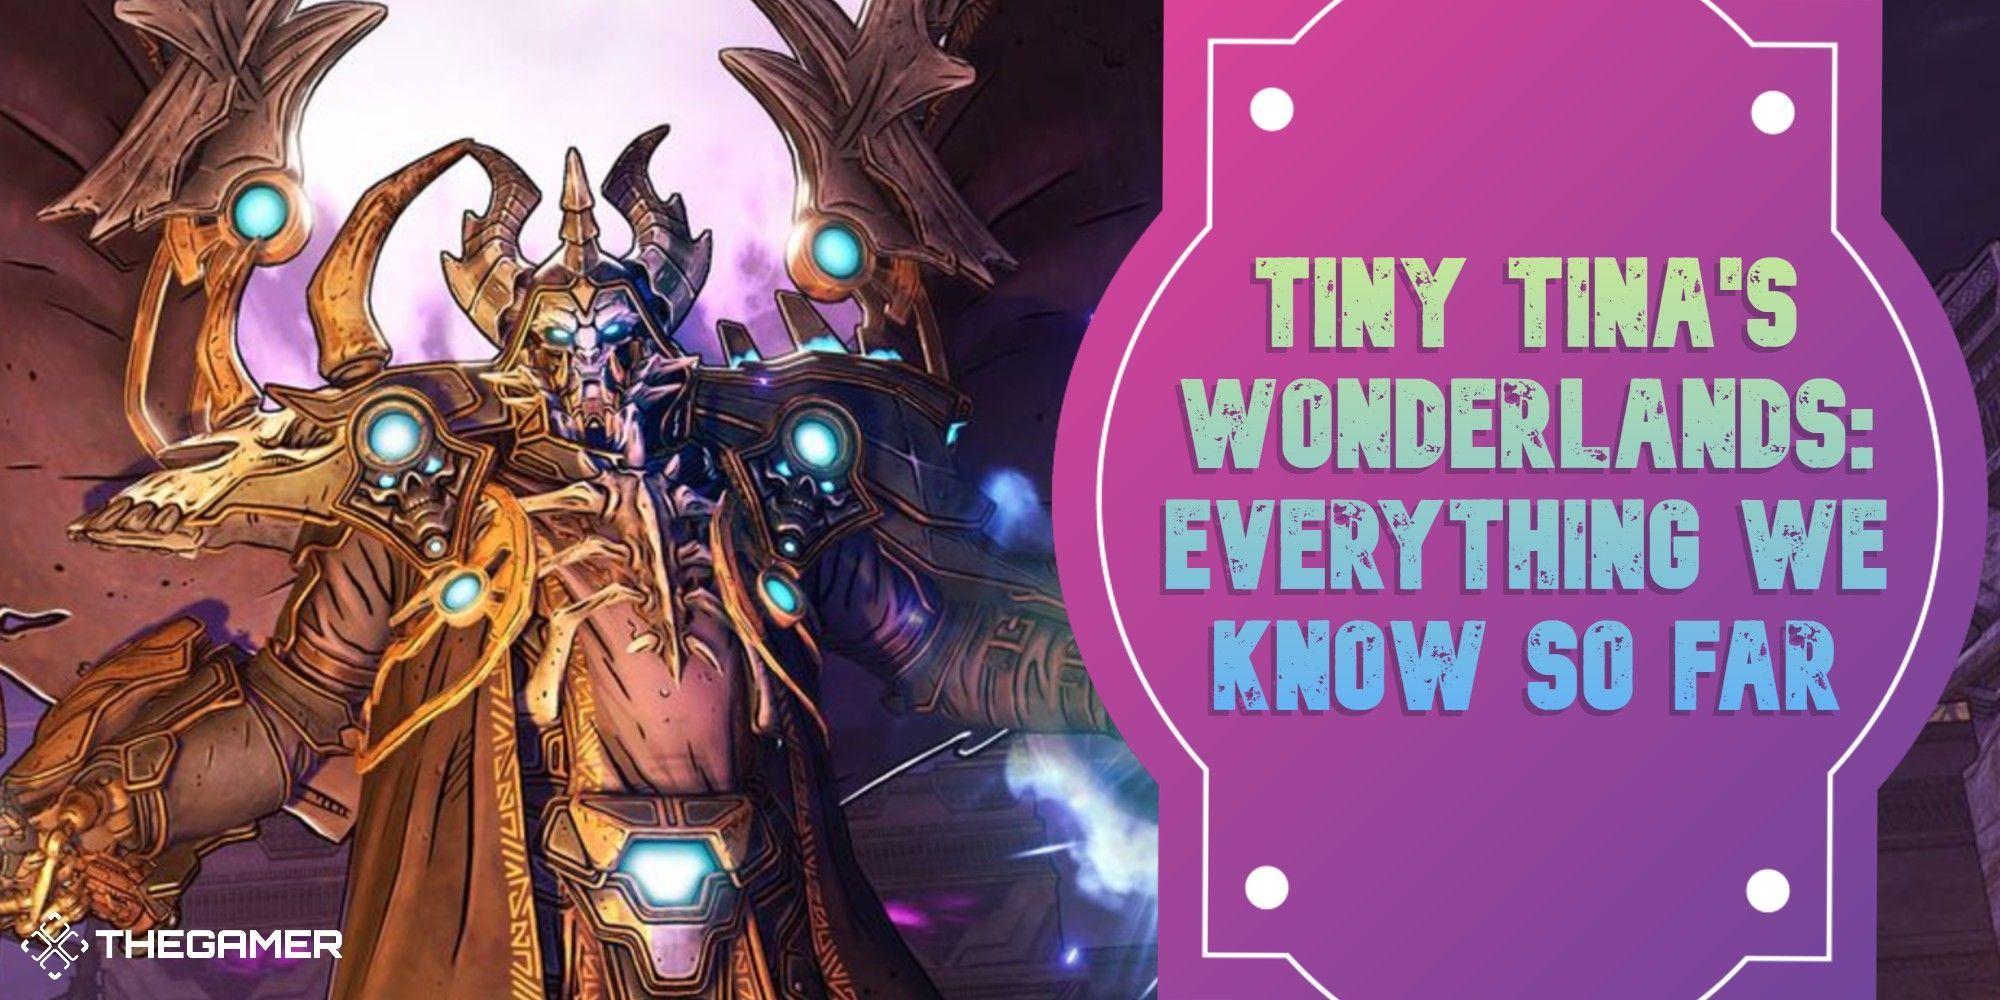 Guía de Tiny Tina's Wonderlands: todo lo que sabemos hasta ahora